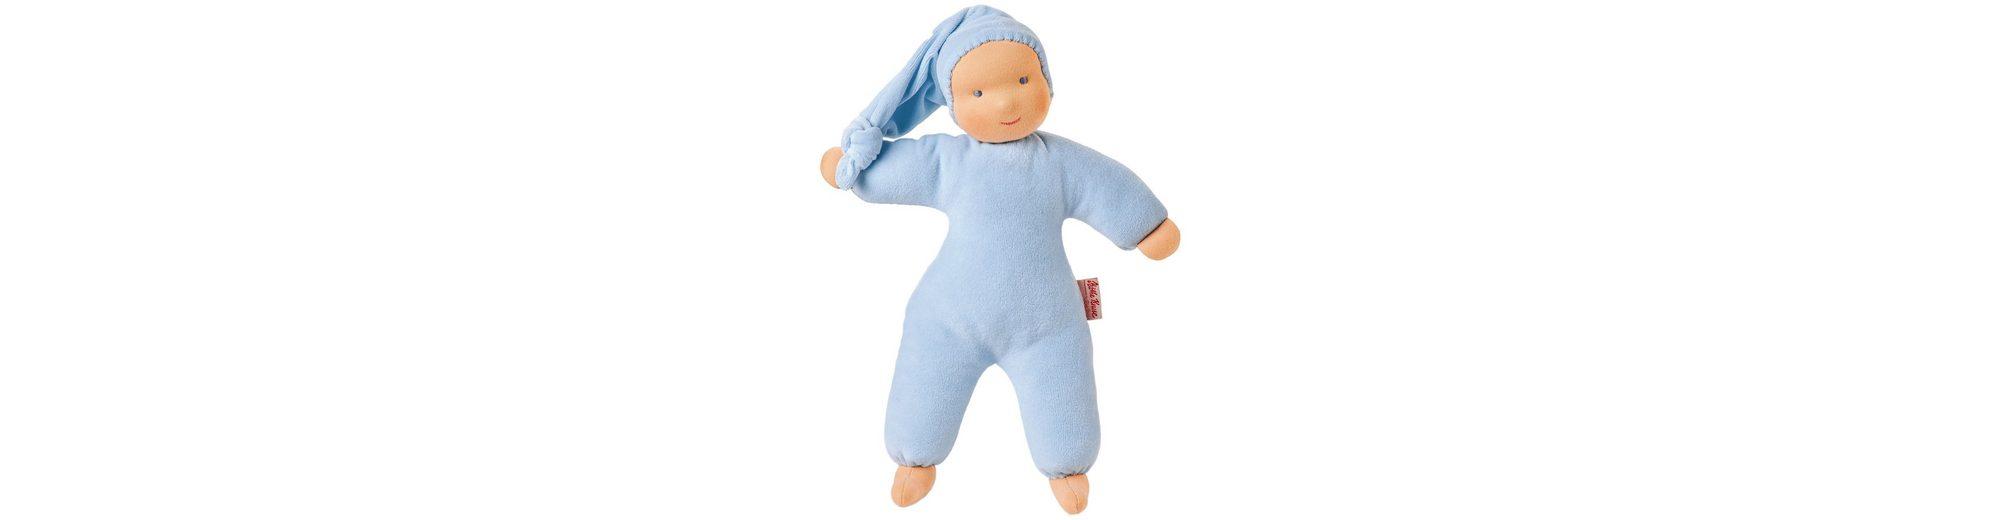 Käthe Kruse Puppe, »Organic Schatzi hellblau«